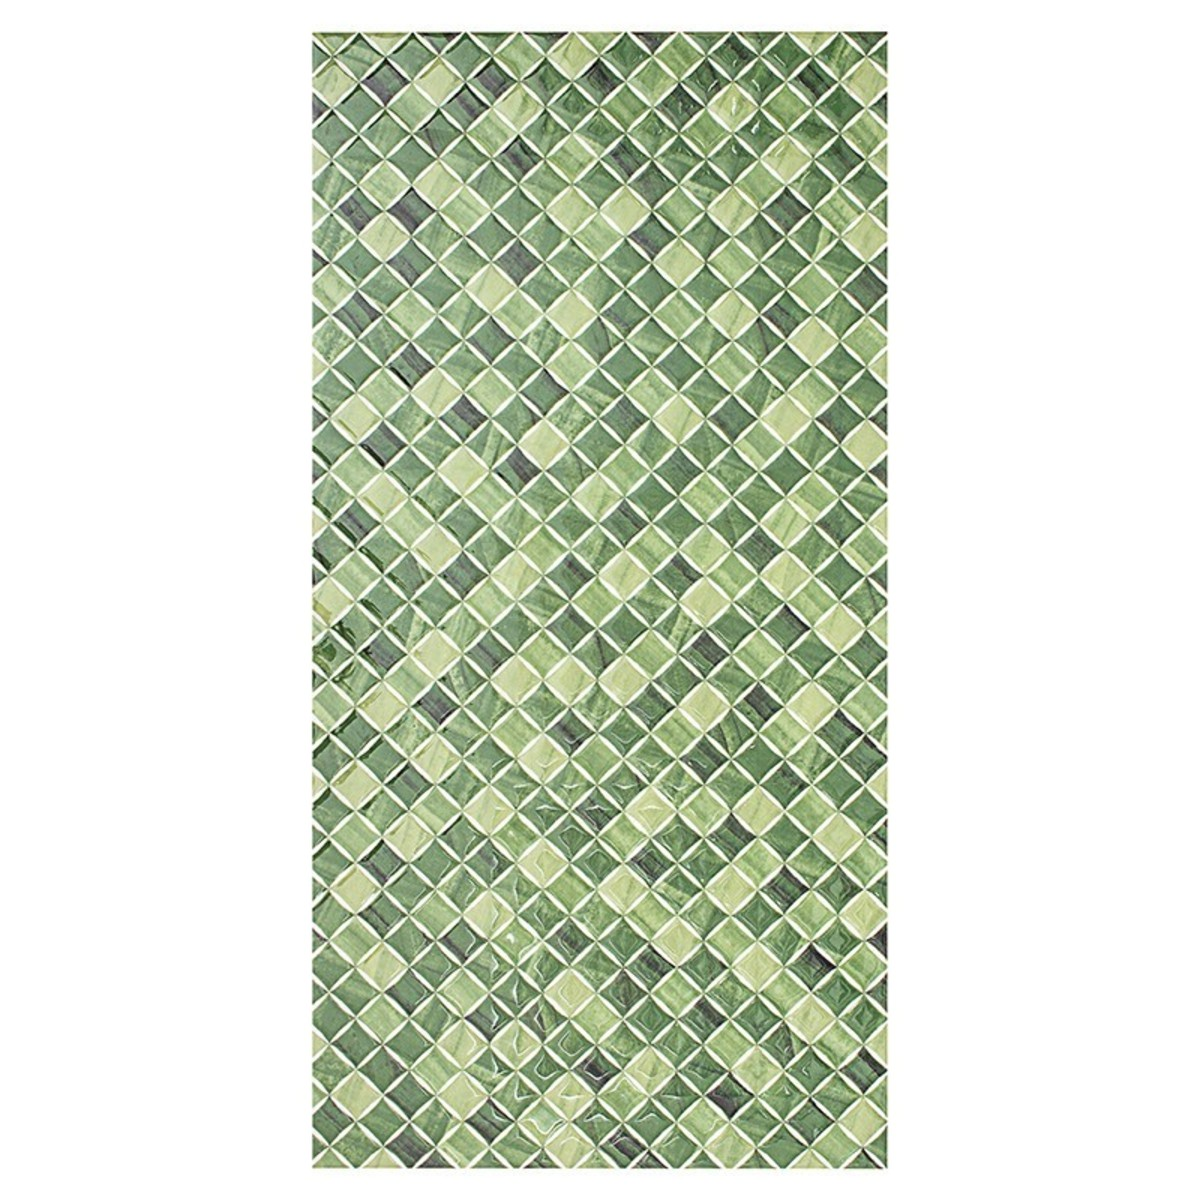 Плитка настенная Симфония 25x50 см 1.25 м2 цвет зеленый